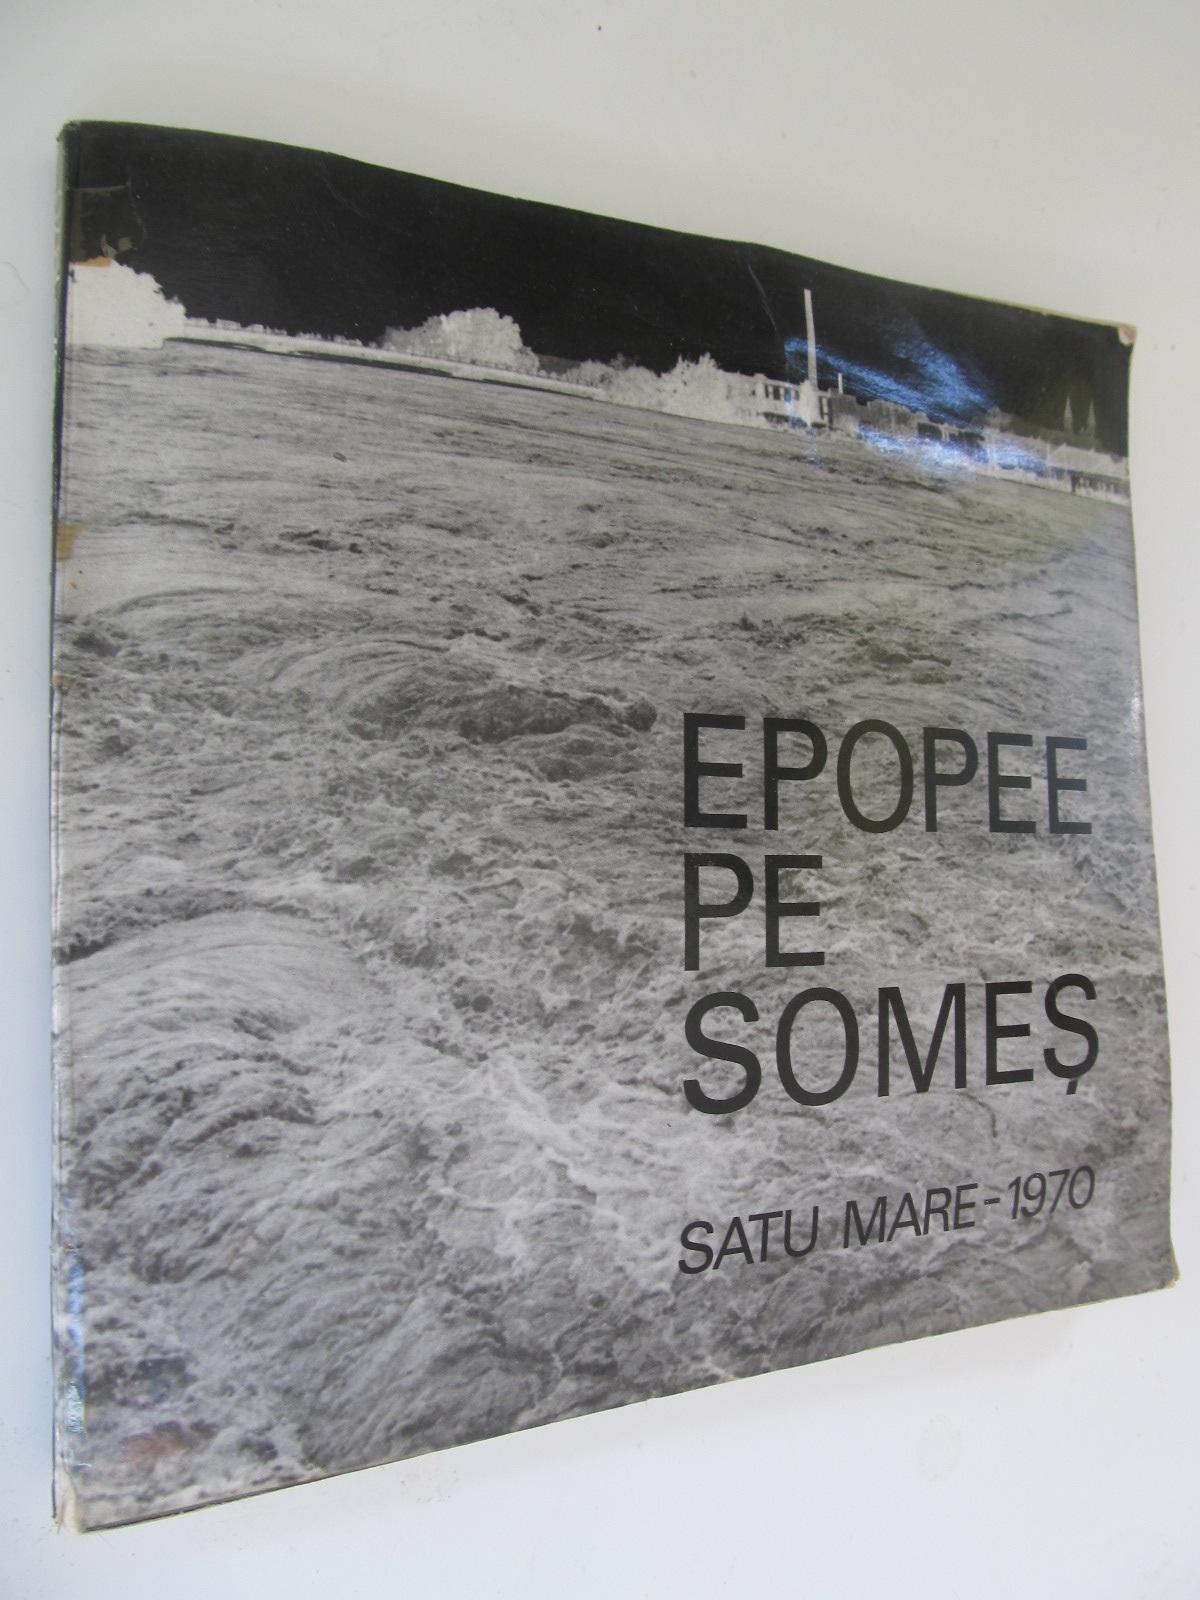 Epopee pe Somes , Satu Mare 1970 (Album foto) - inundatie - *** | Detalii carte